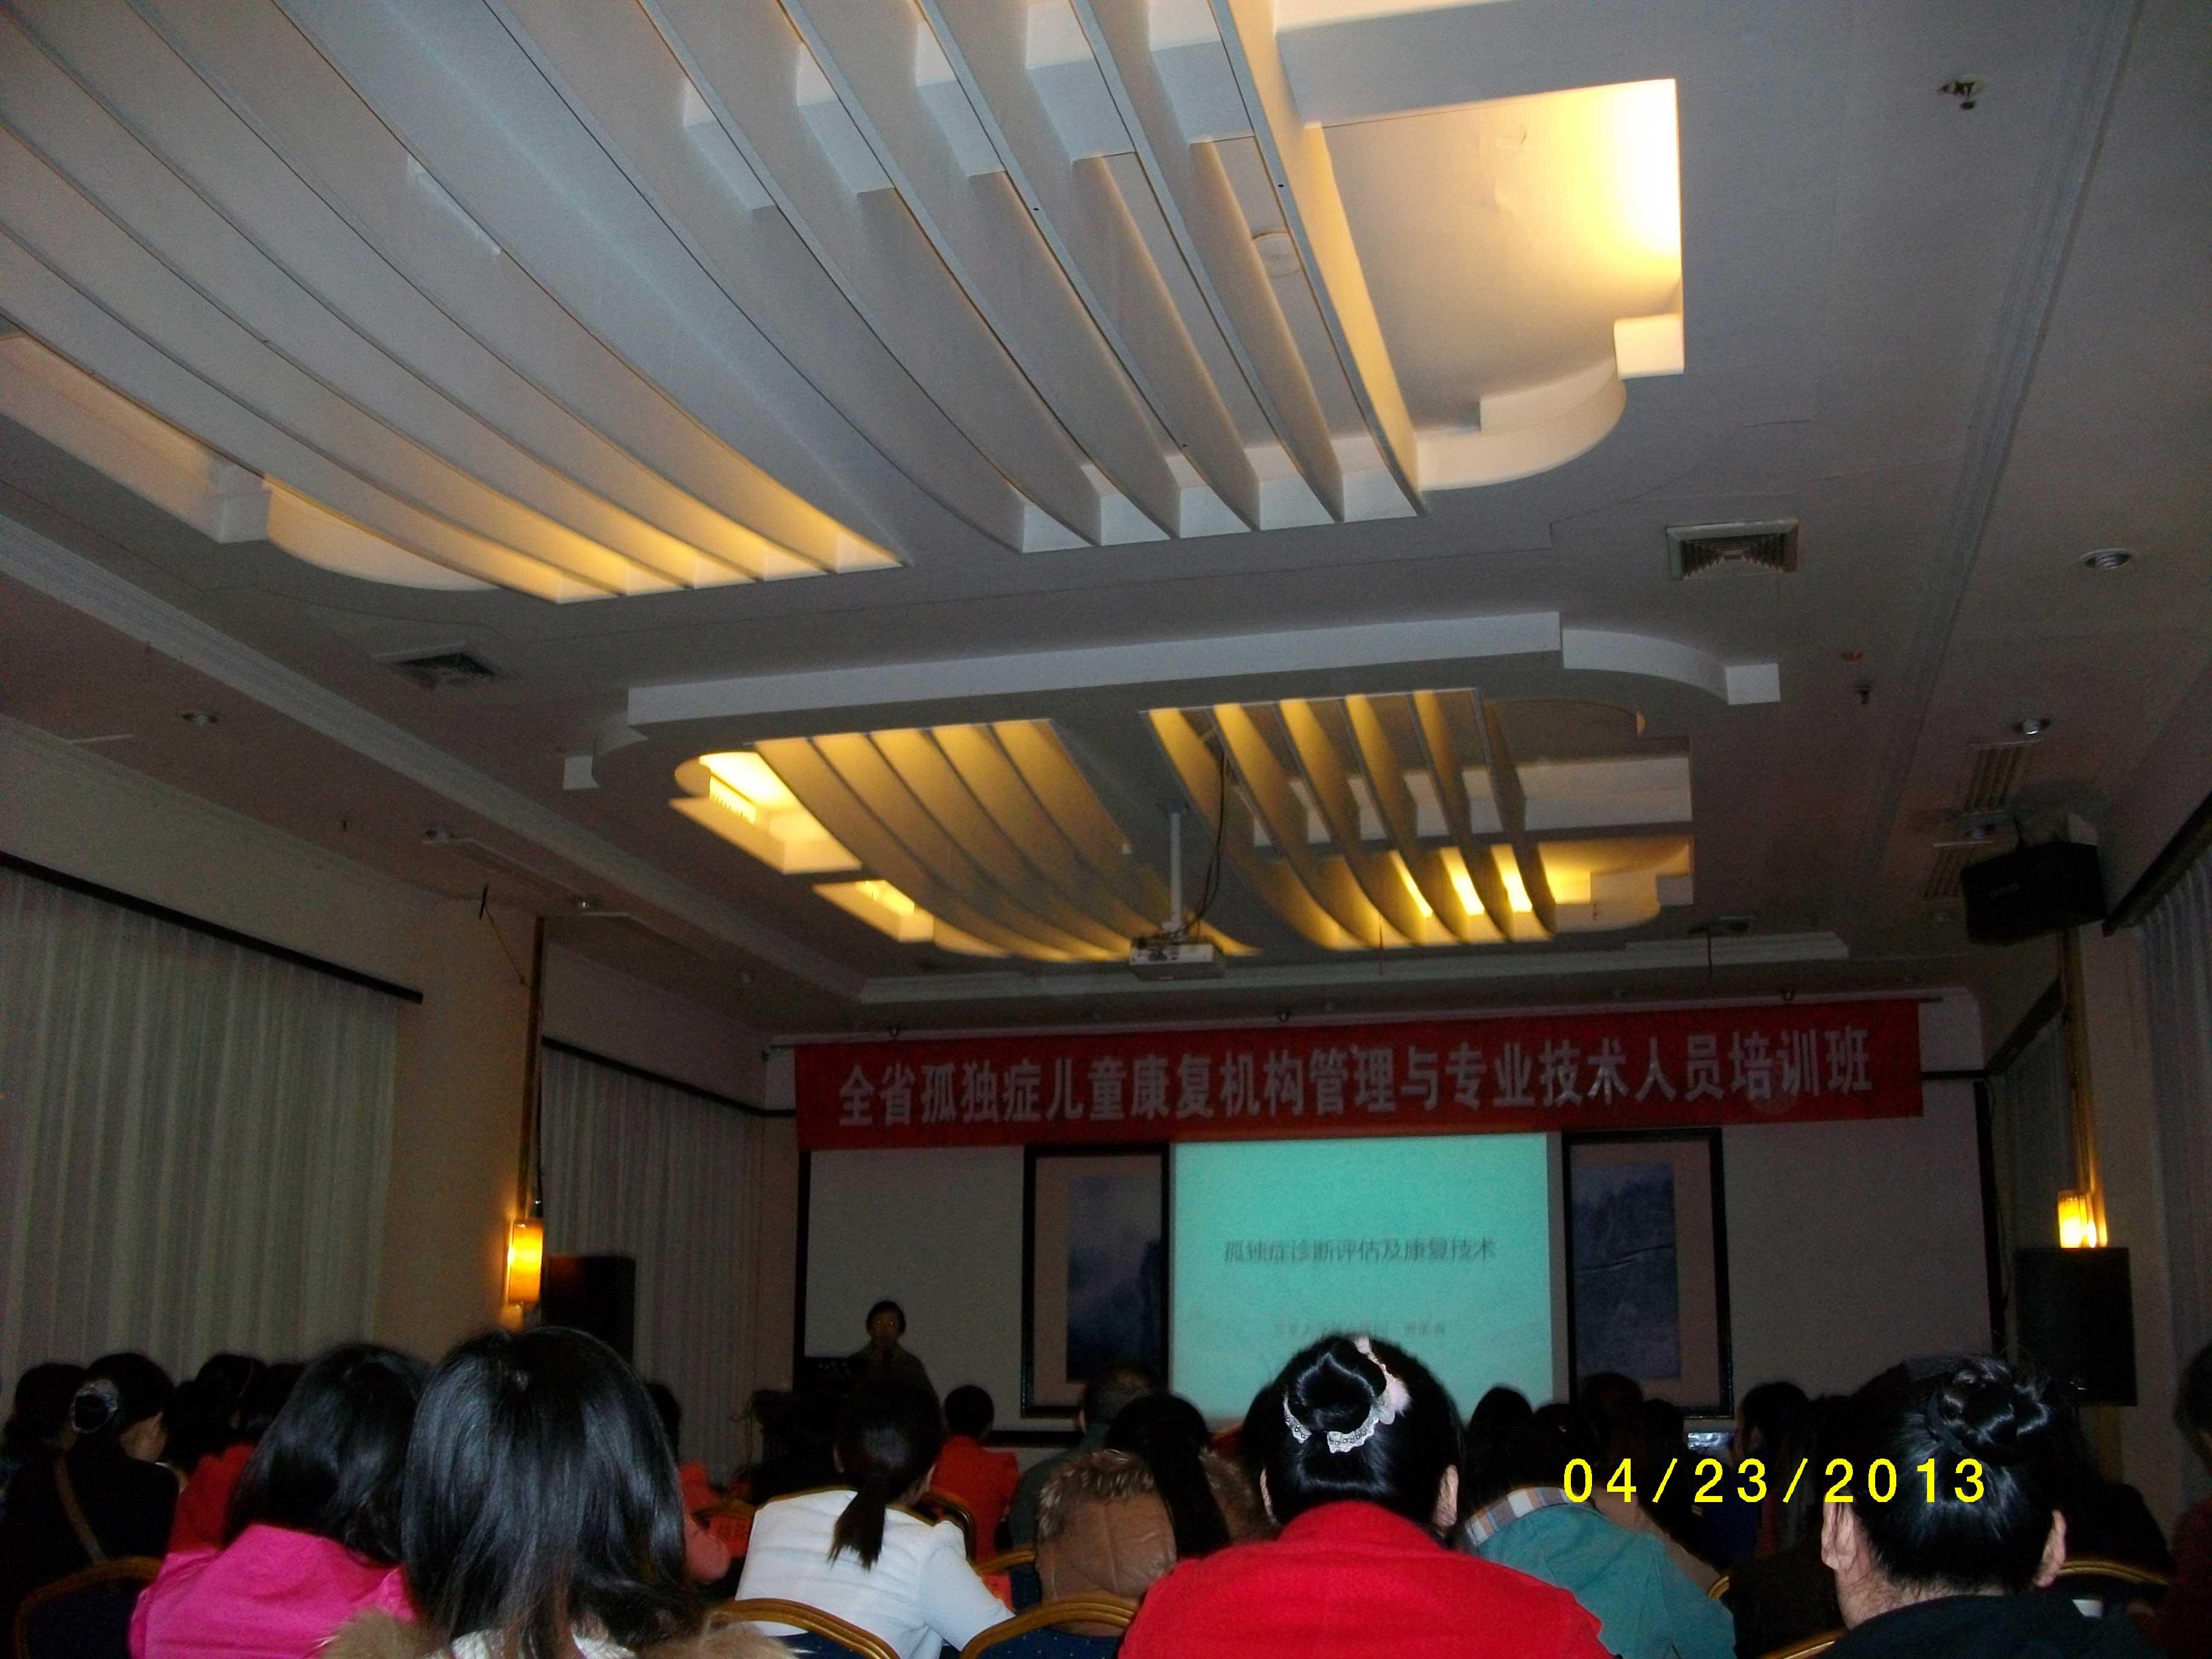 爱弥尔教师参加省残联举办的专业人员技能培训